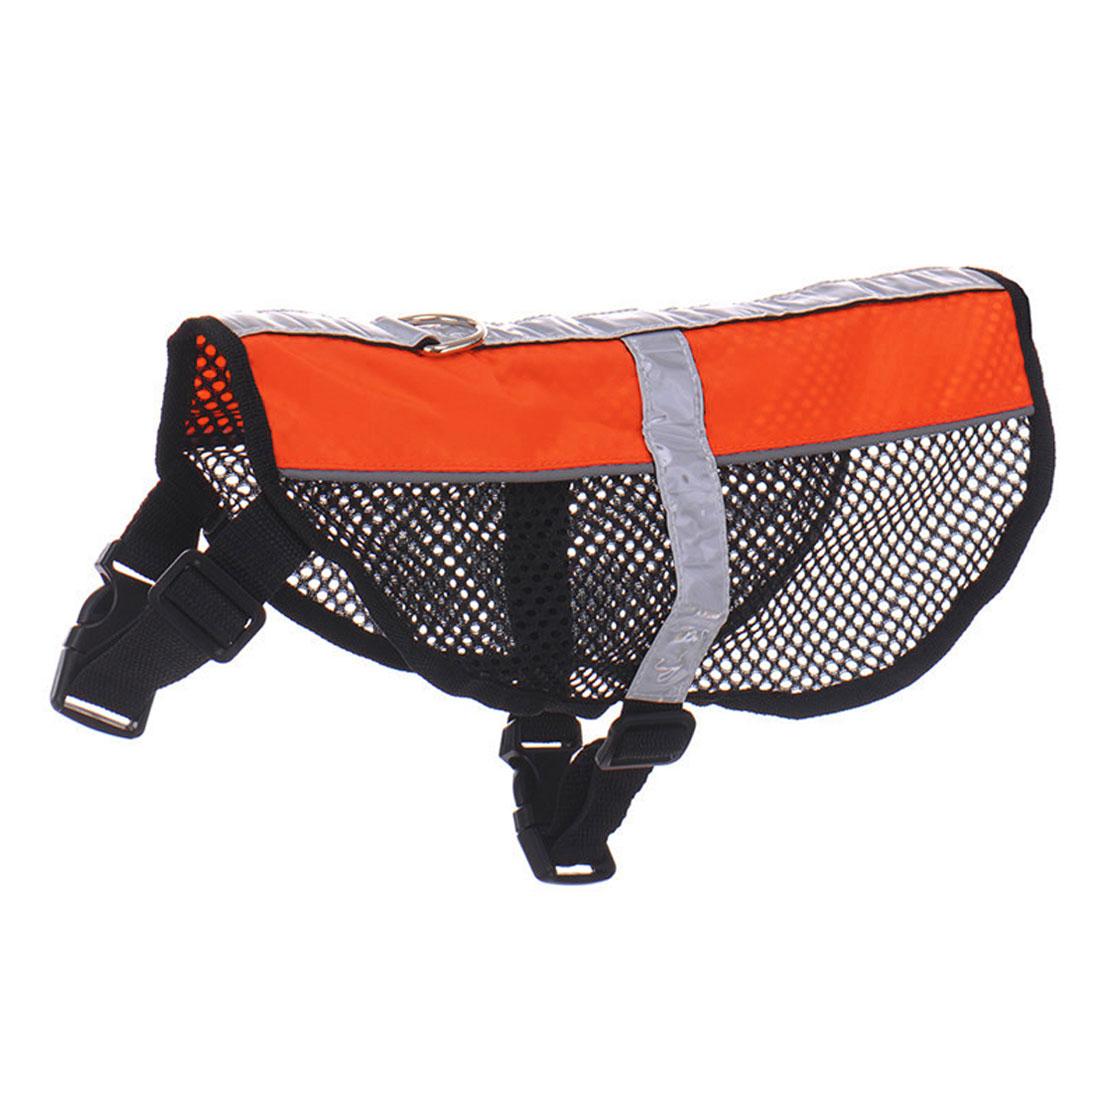 Service Dog Mesh Vest Harness Cool Comfort Nylon High Visibility Safety Jacket Orange L